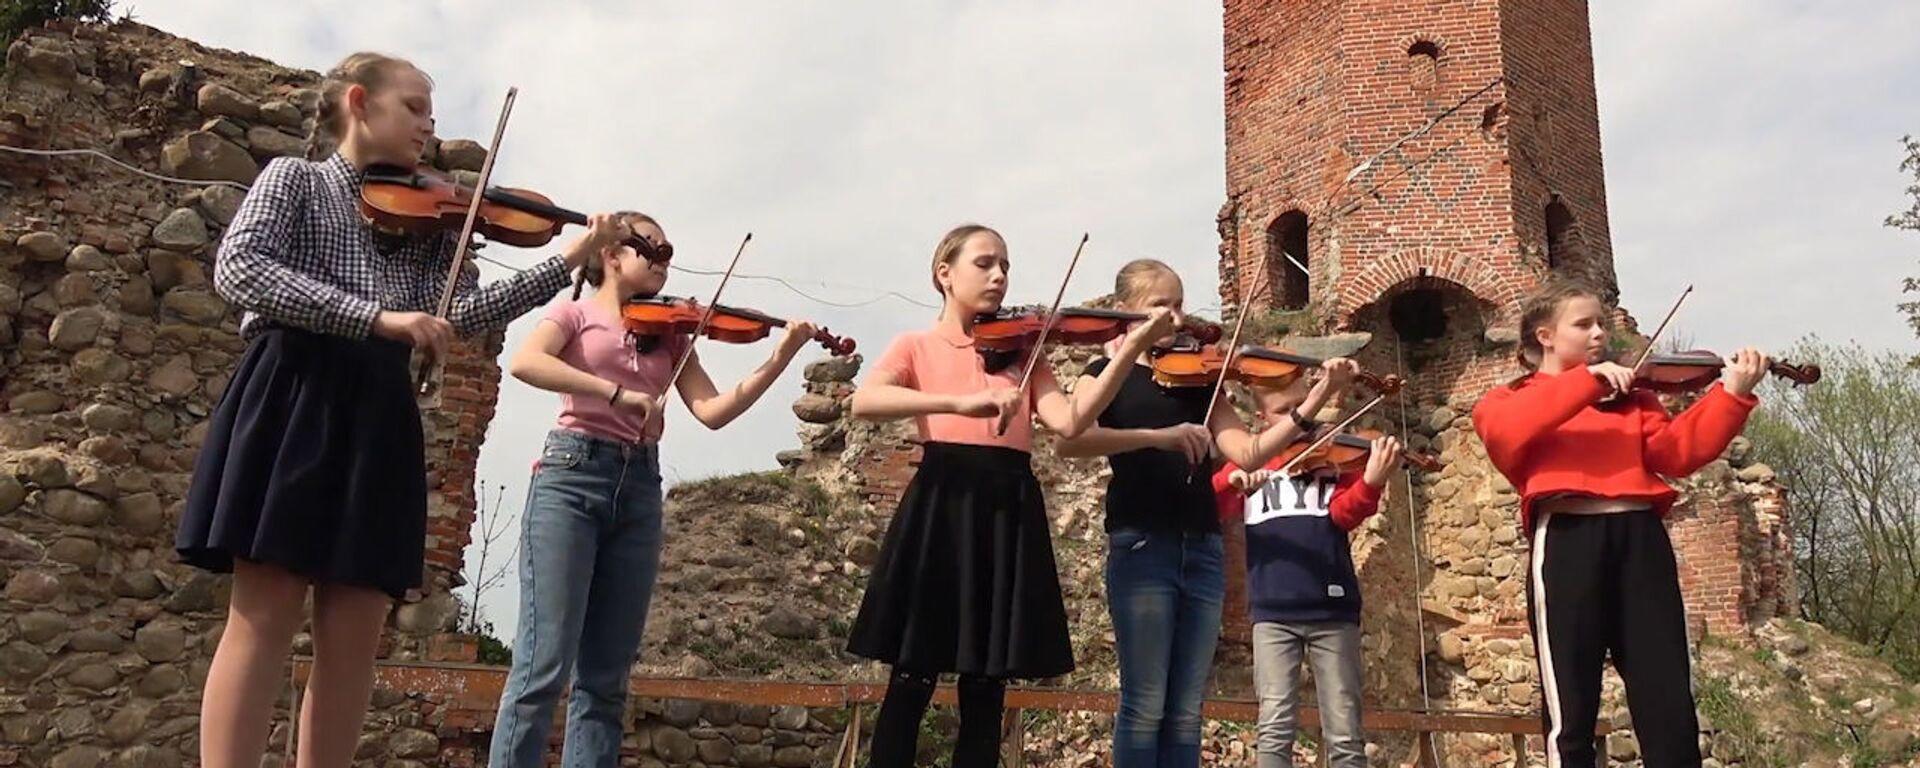 Российские дети дали концерт на руинах старинного замка - видео - Sputnik Латвия, 1920, 16.05.2019